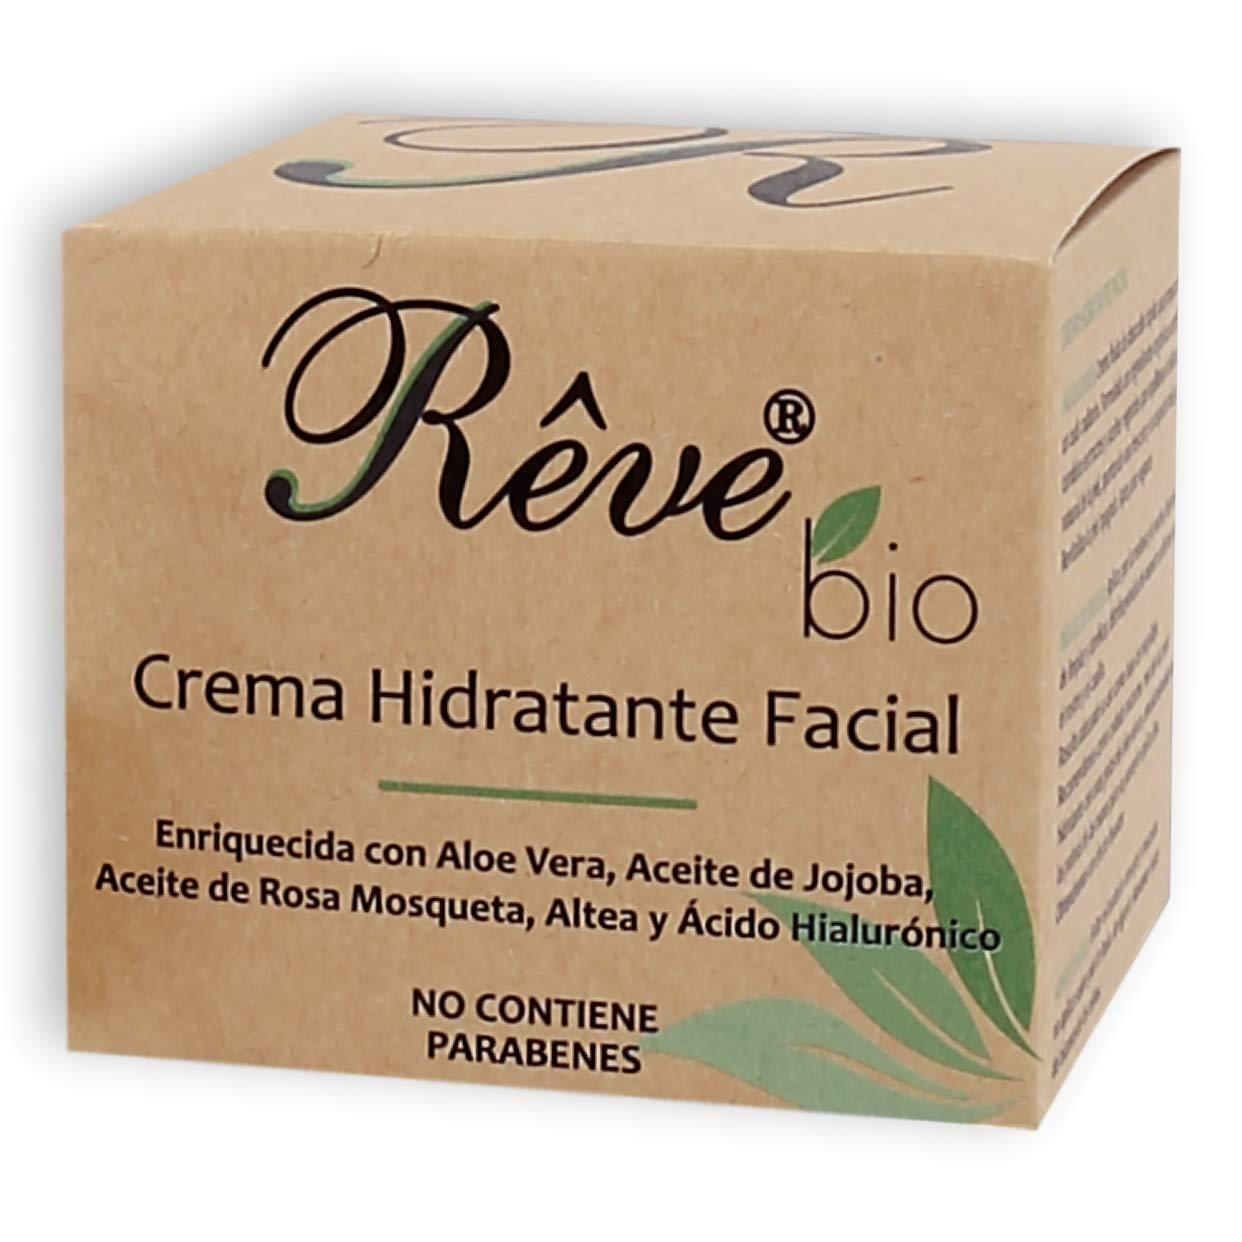 REVE Crema Hidratante Facial Bio – Hombre y Mujer, Día y Noche, fluida y de absorción rápida en la cara para todo tipo de pieles, apta para Veganos y pieles sensibles – 50 ml